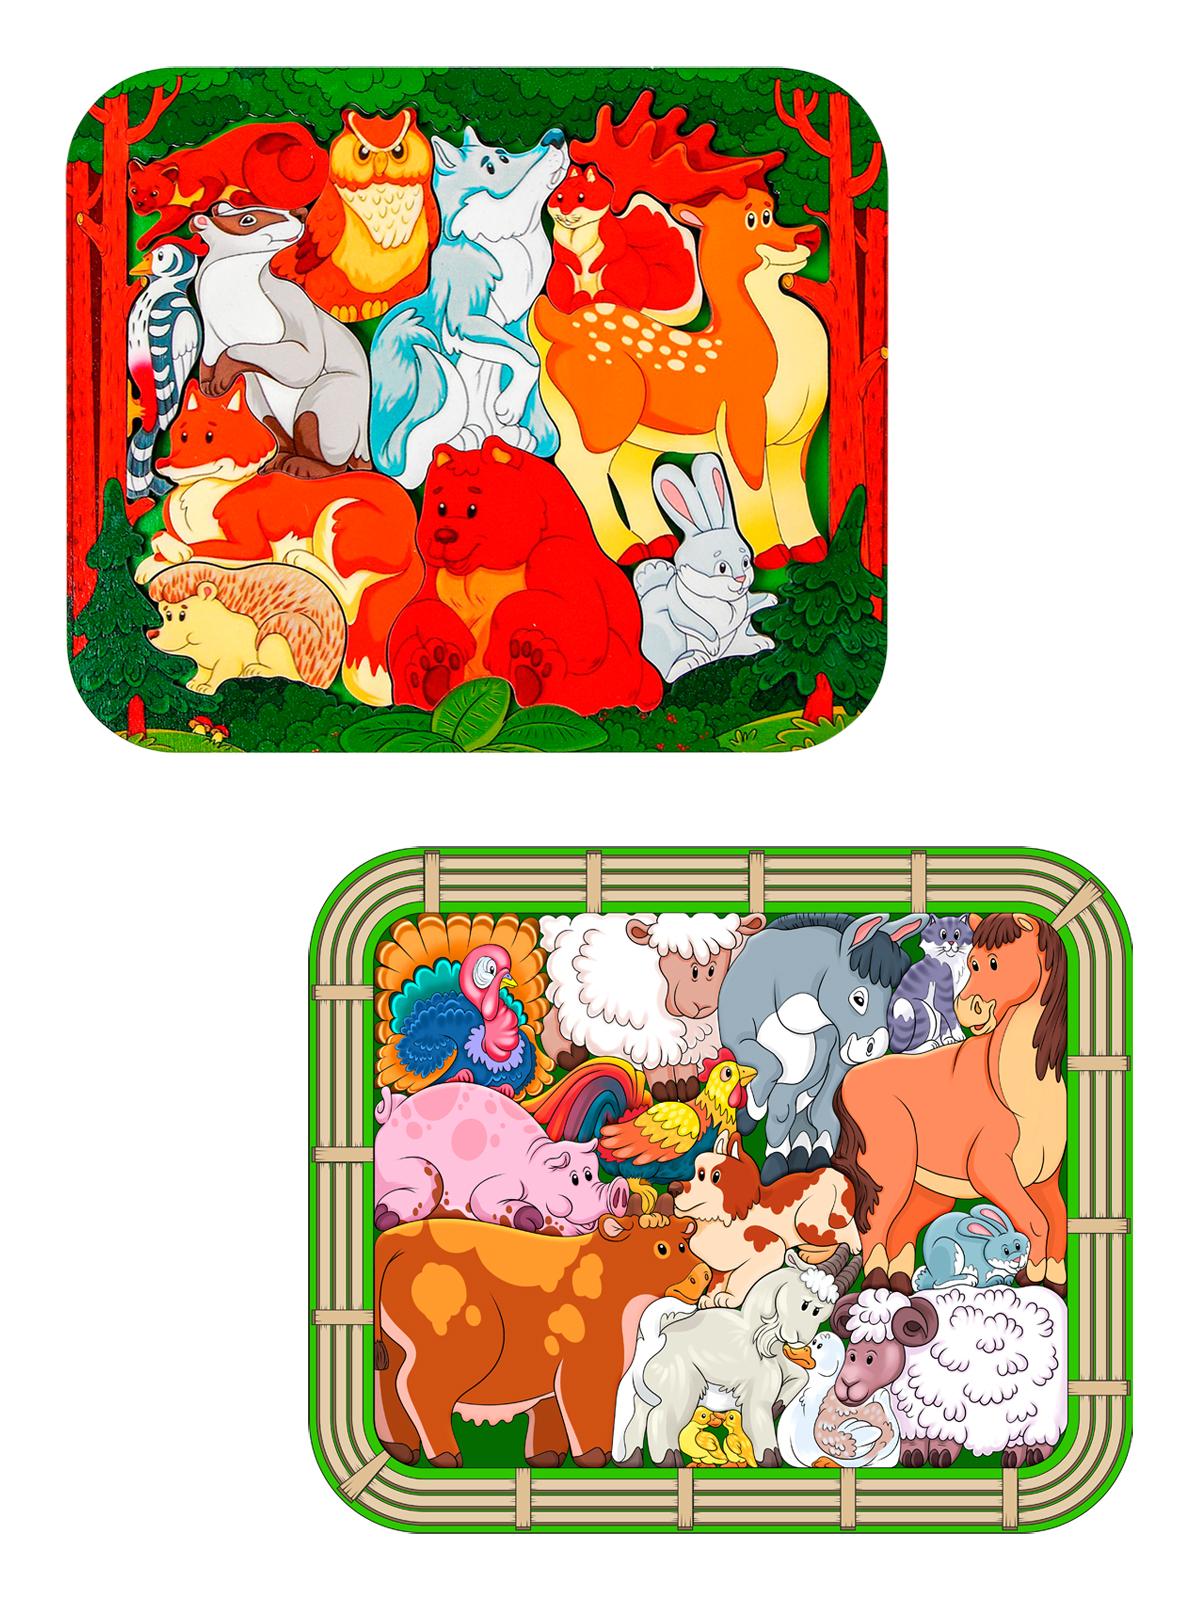 Купить Детские развивающие пазлы Нескучные Игры Зоопазл Лесные жители+ Зоопазл Переполох на ферме,